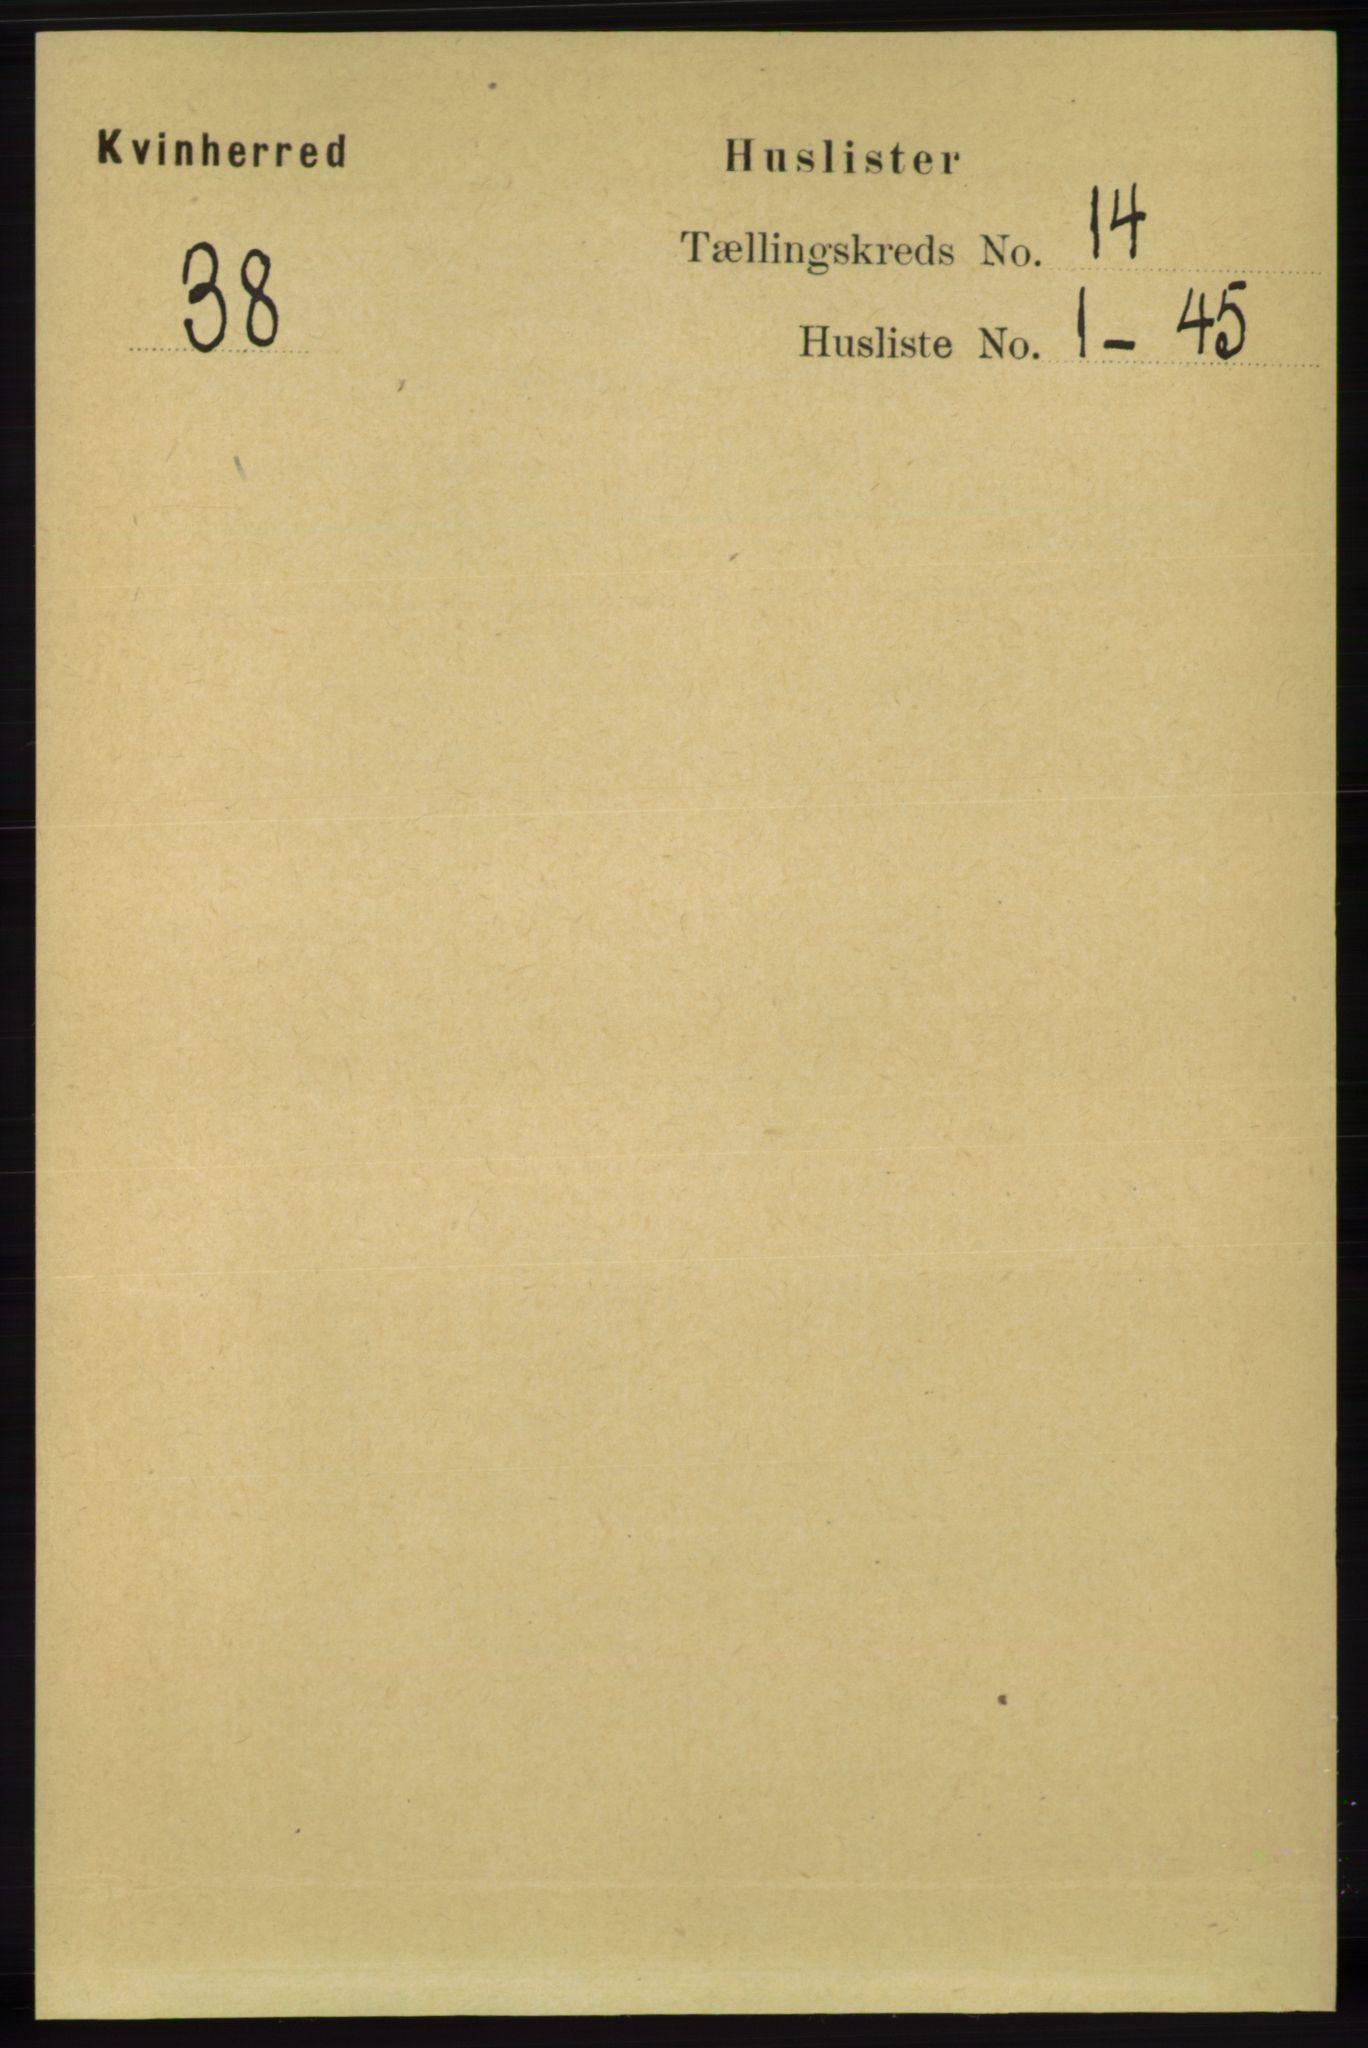 RA, Folketelling 1891 for 1224 Kvinnherad herred, 1891, s. 4619